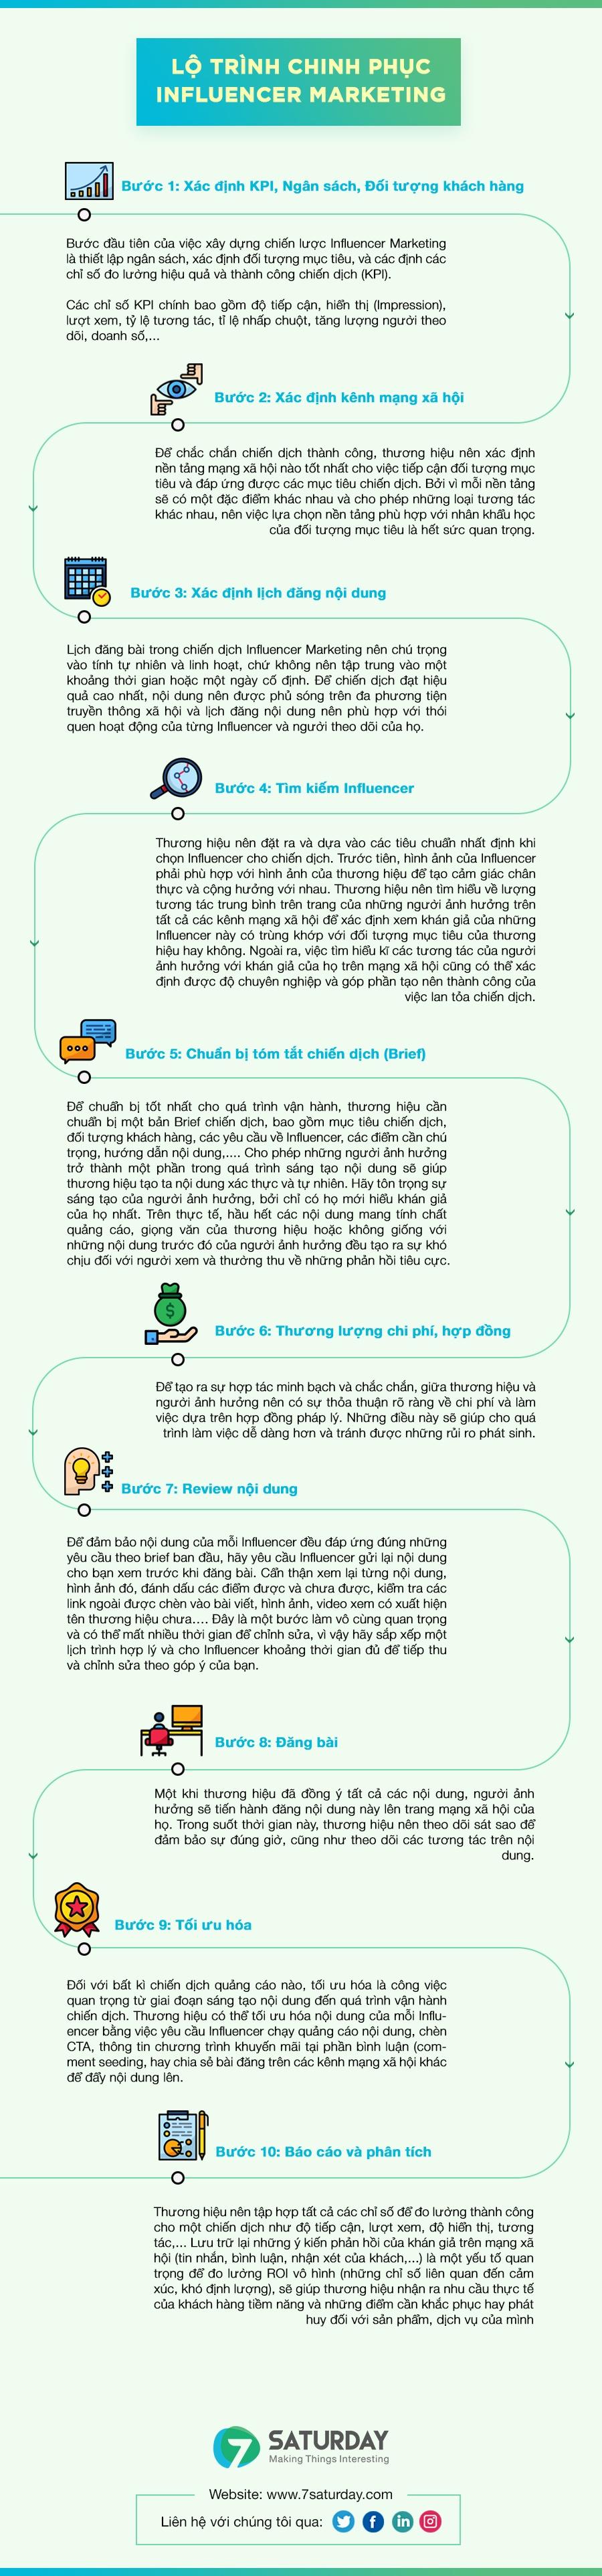 Lo-trinh-chinh-phuc-Influencer-marketing